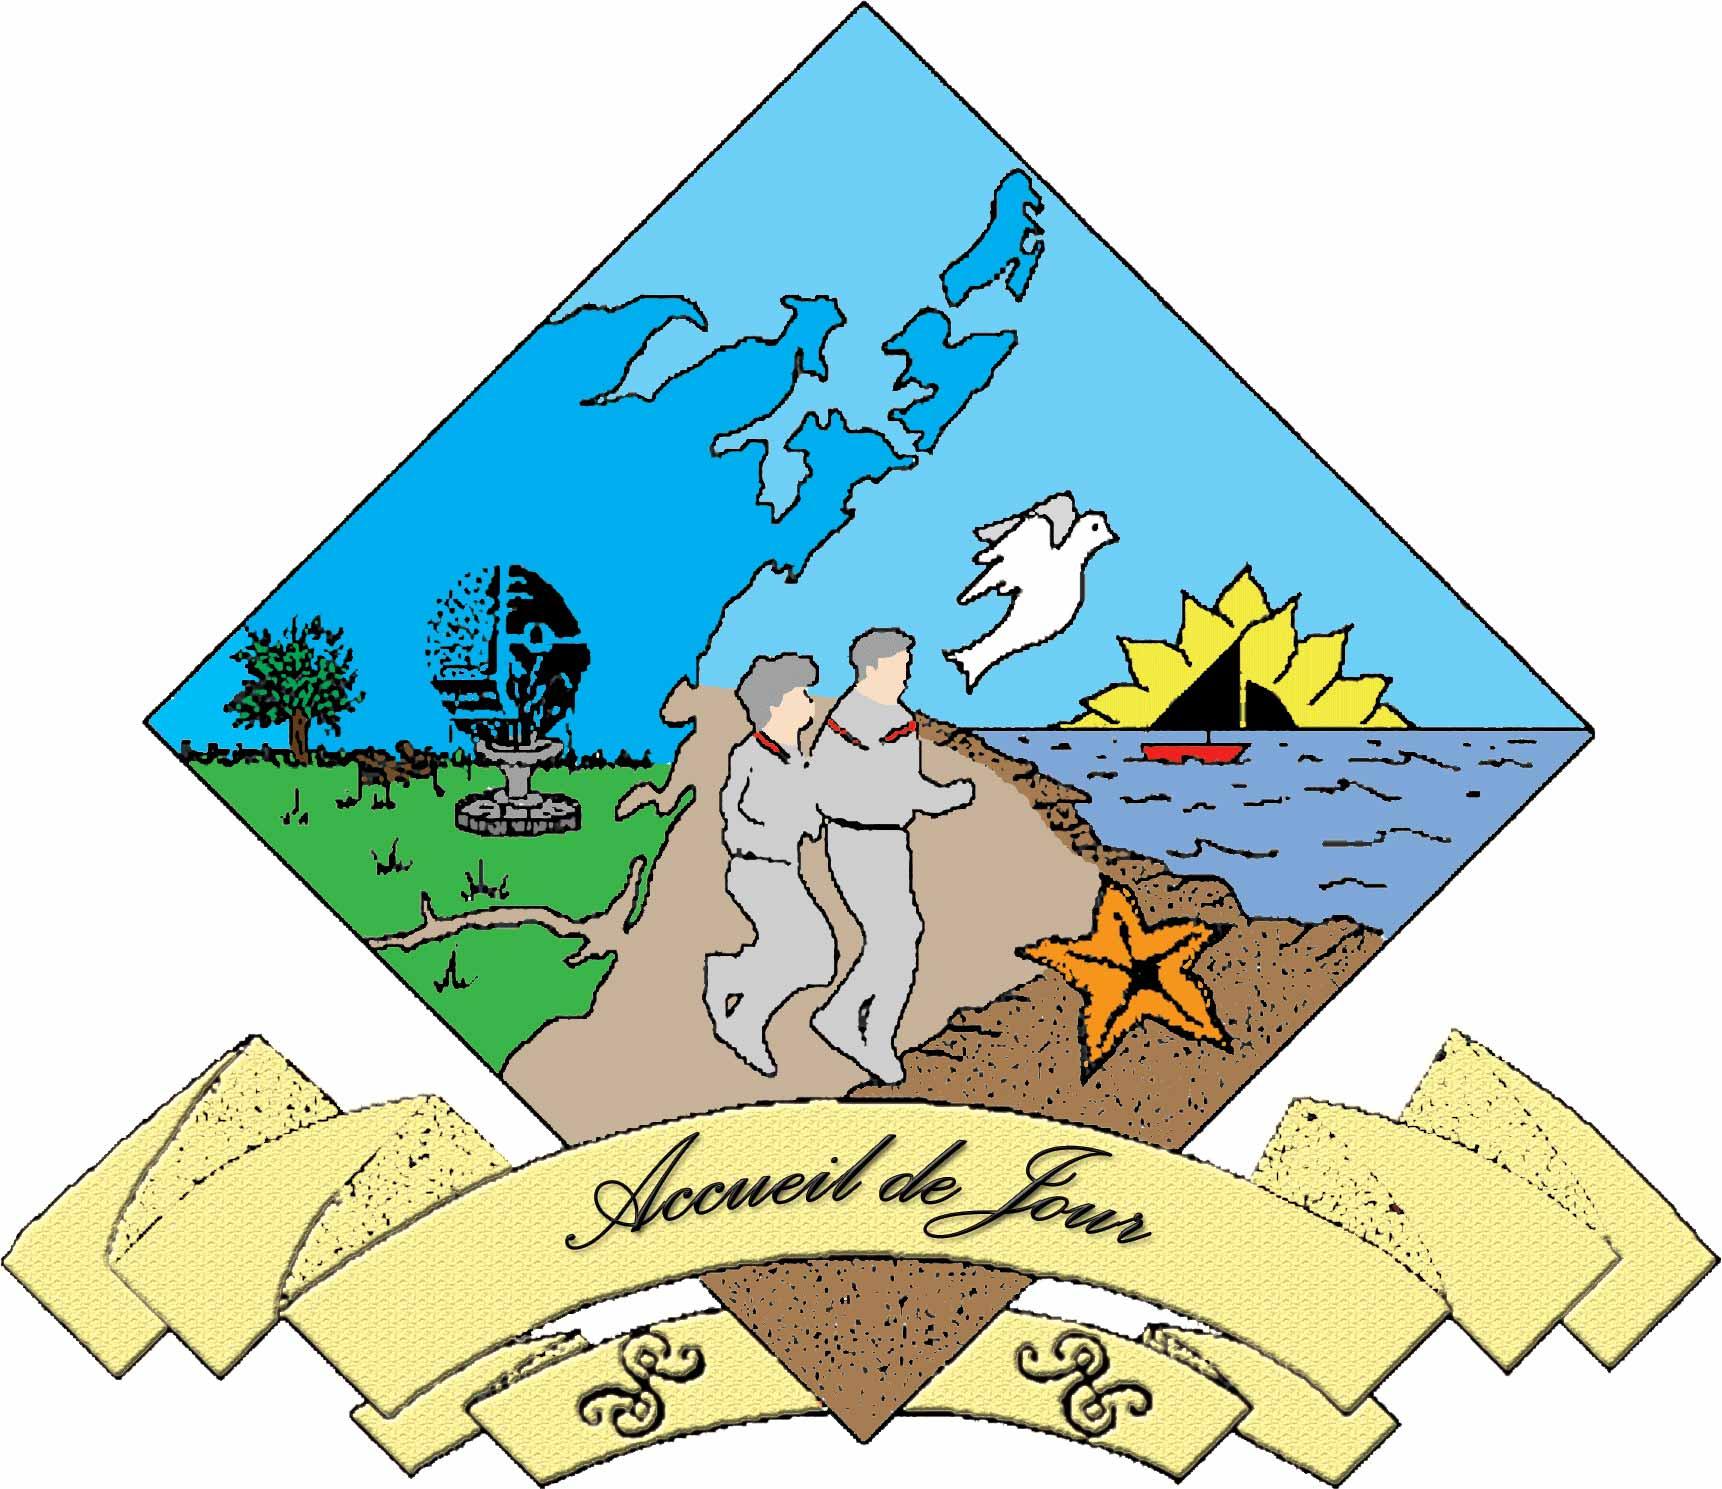 Accueil de jour - Centre de Bénévolat de la Péninsule Acadienne Inc.